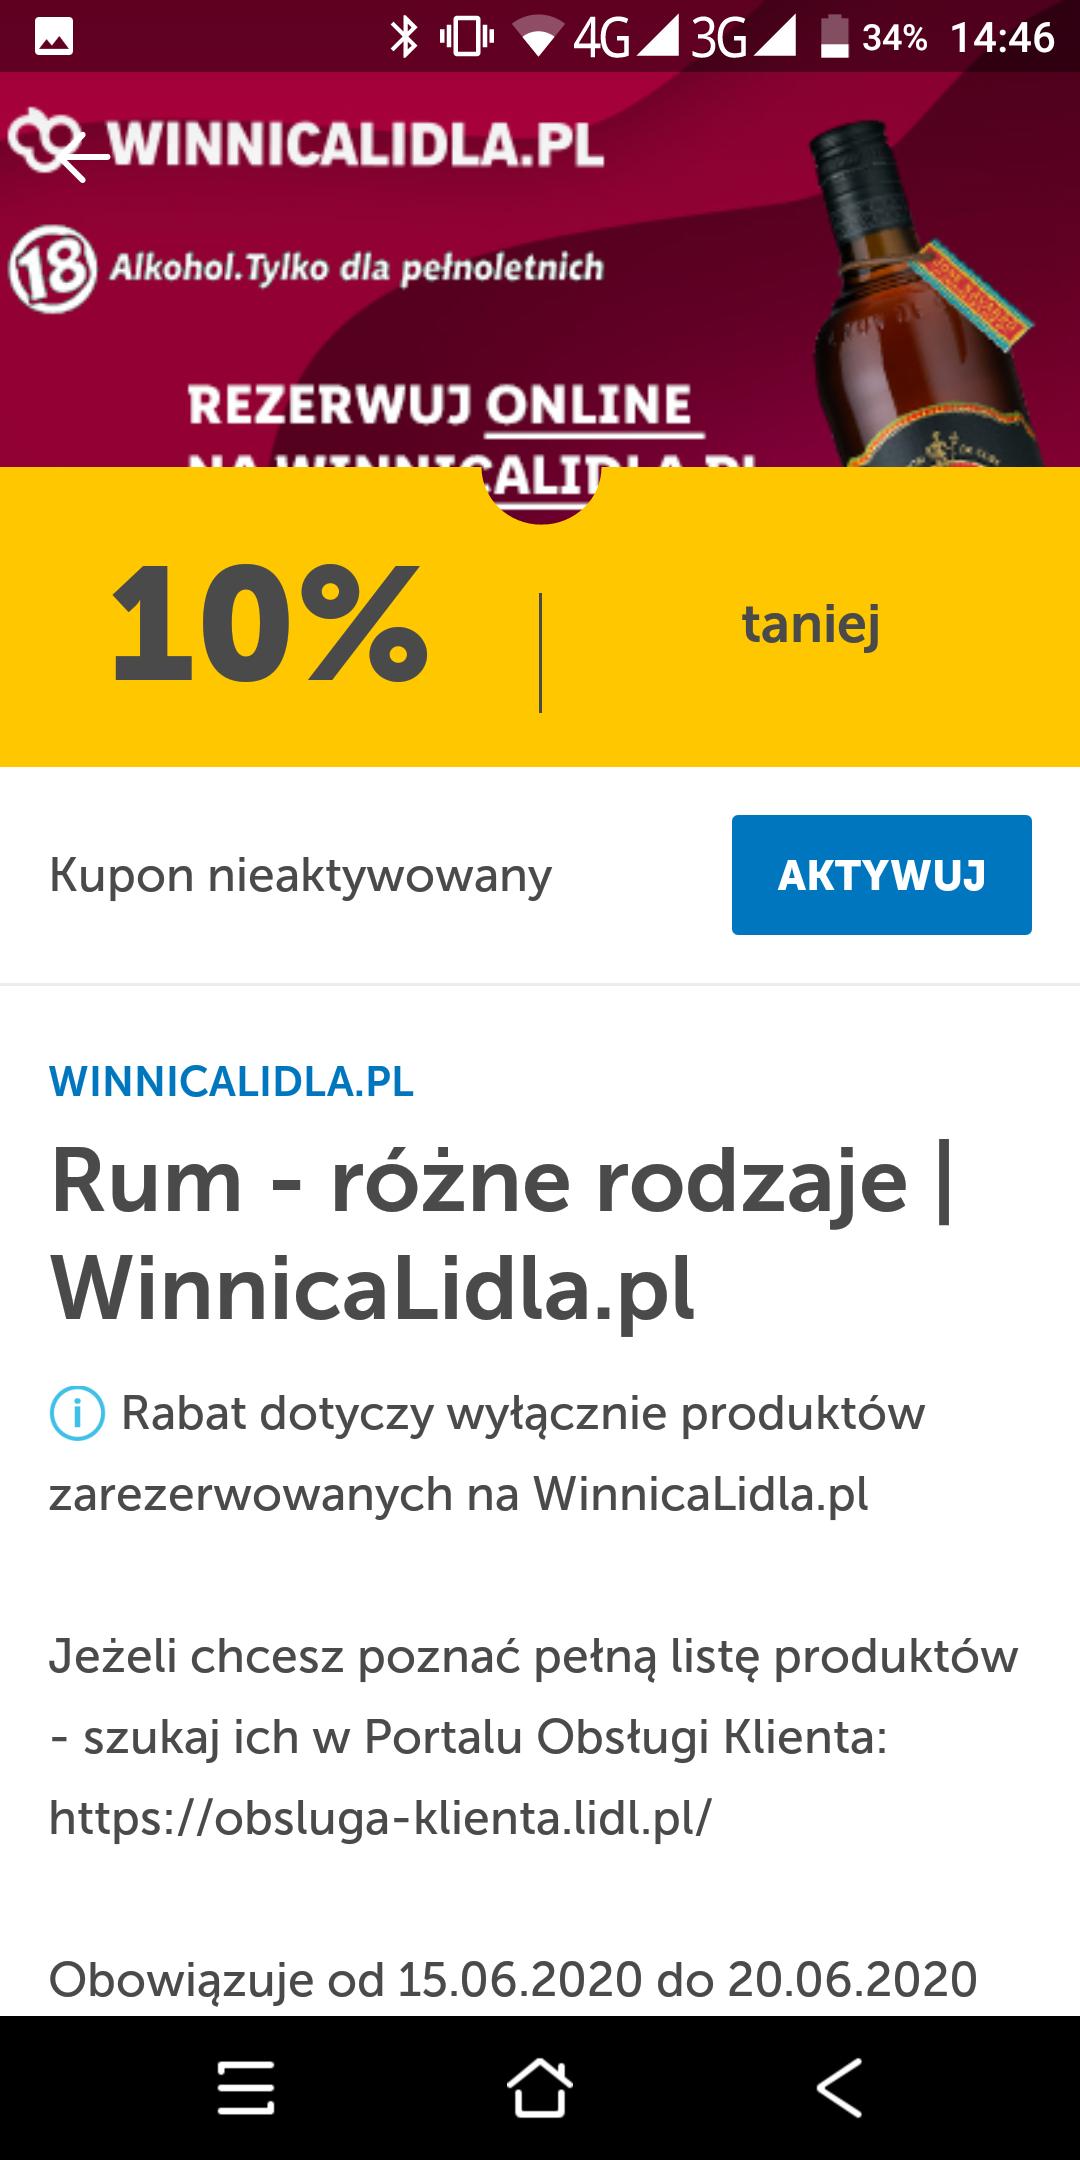 Winnica Lidla - 10% rabatu na rum z aplikacją